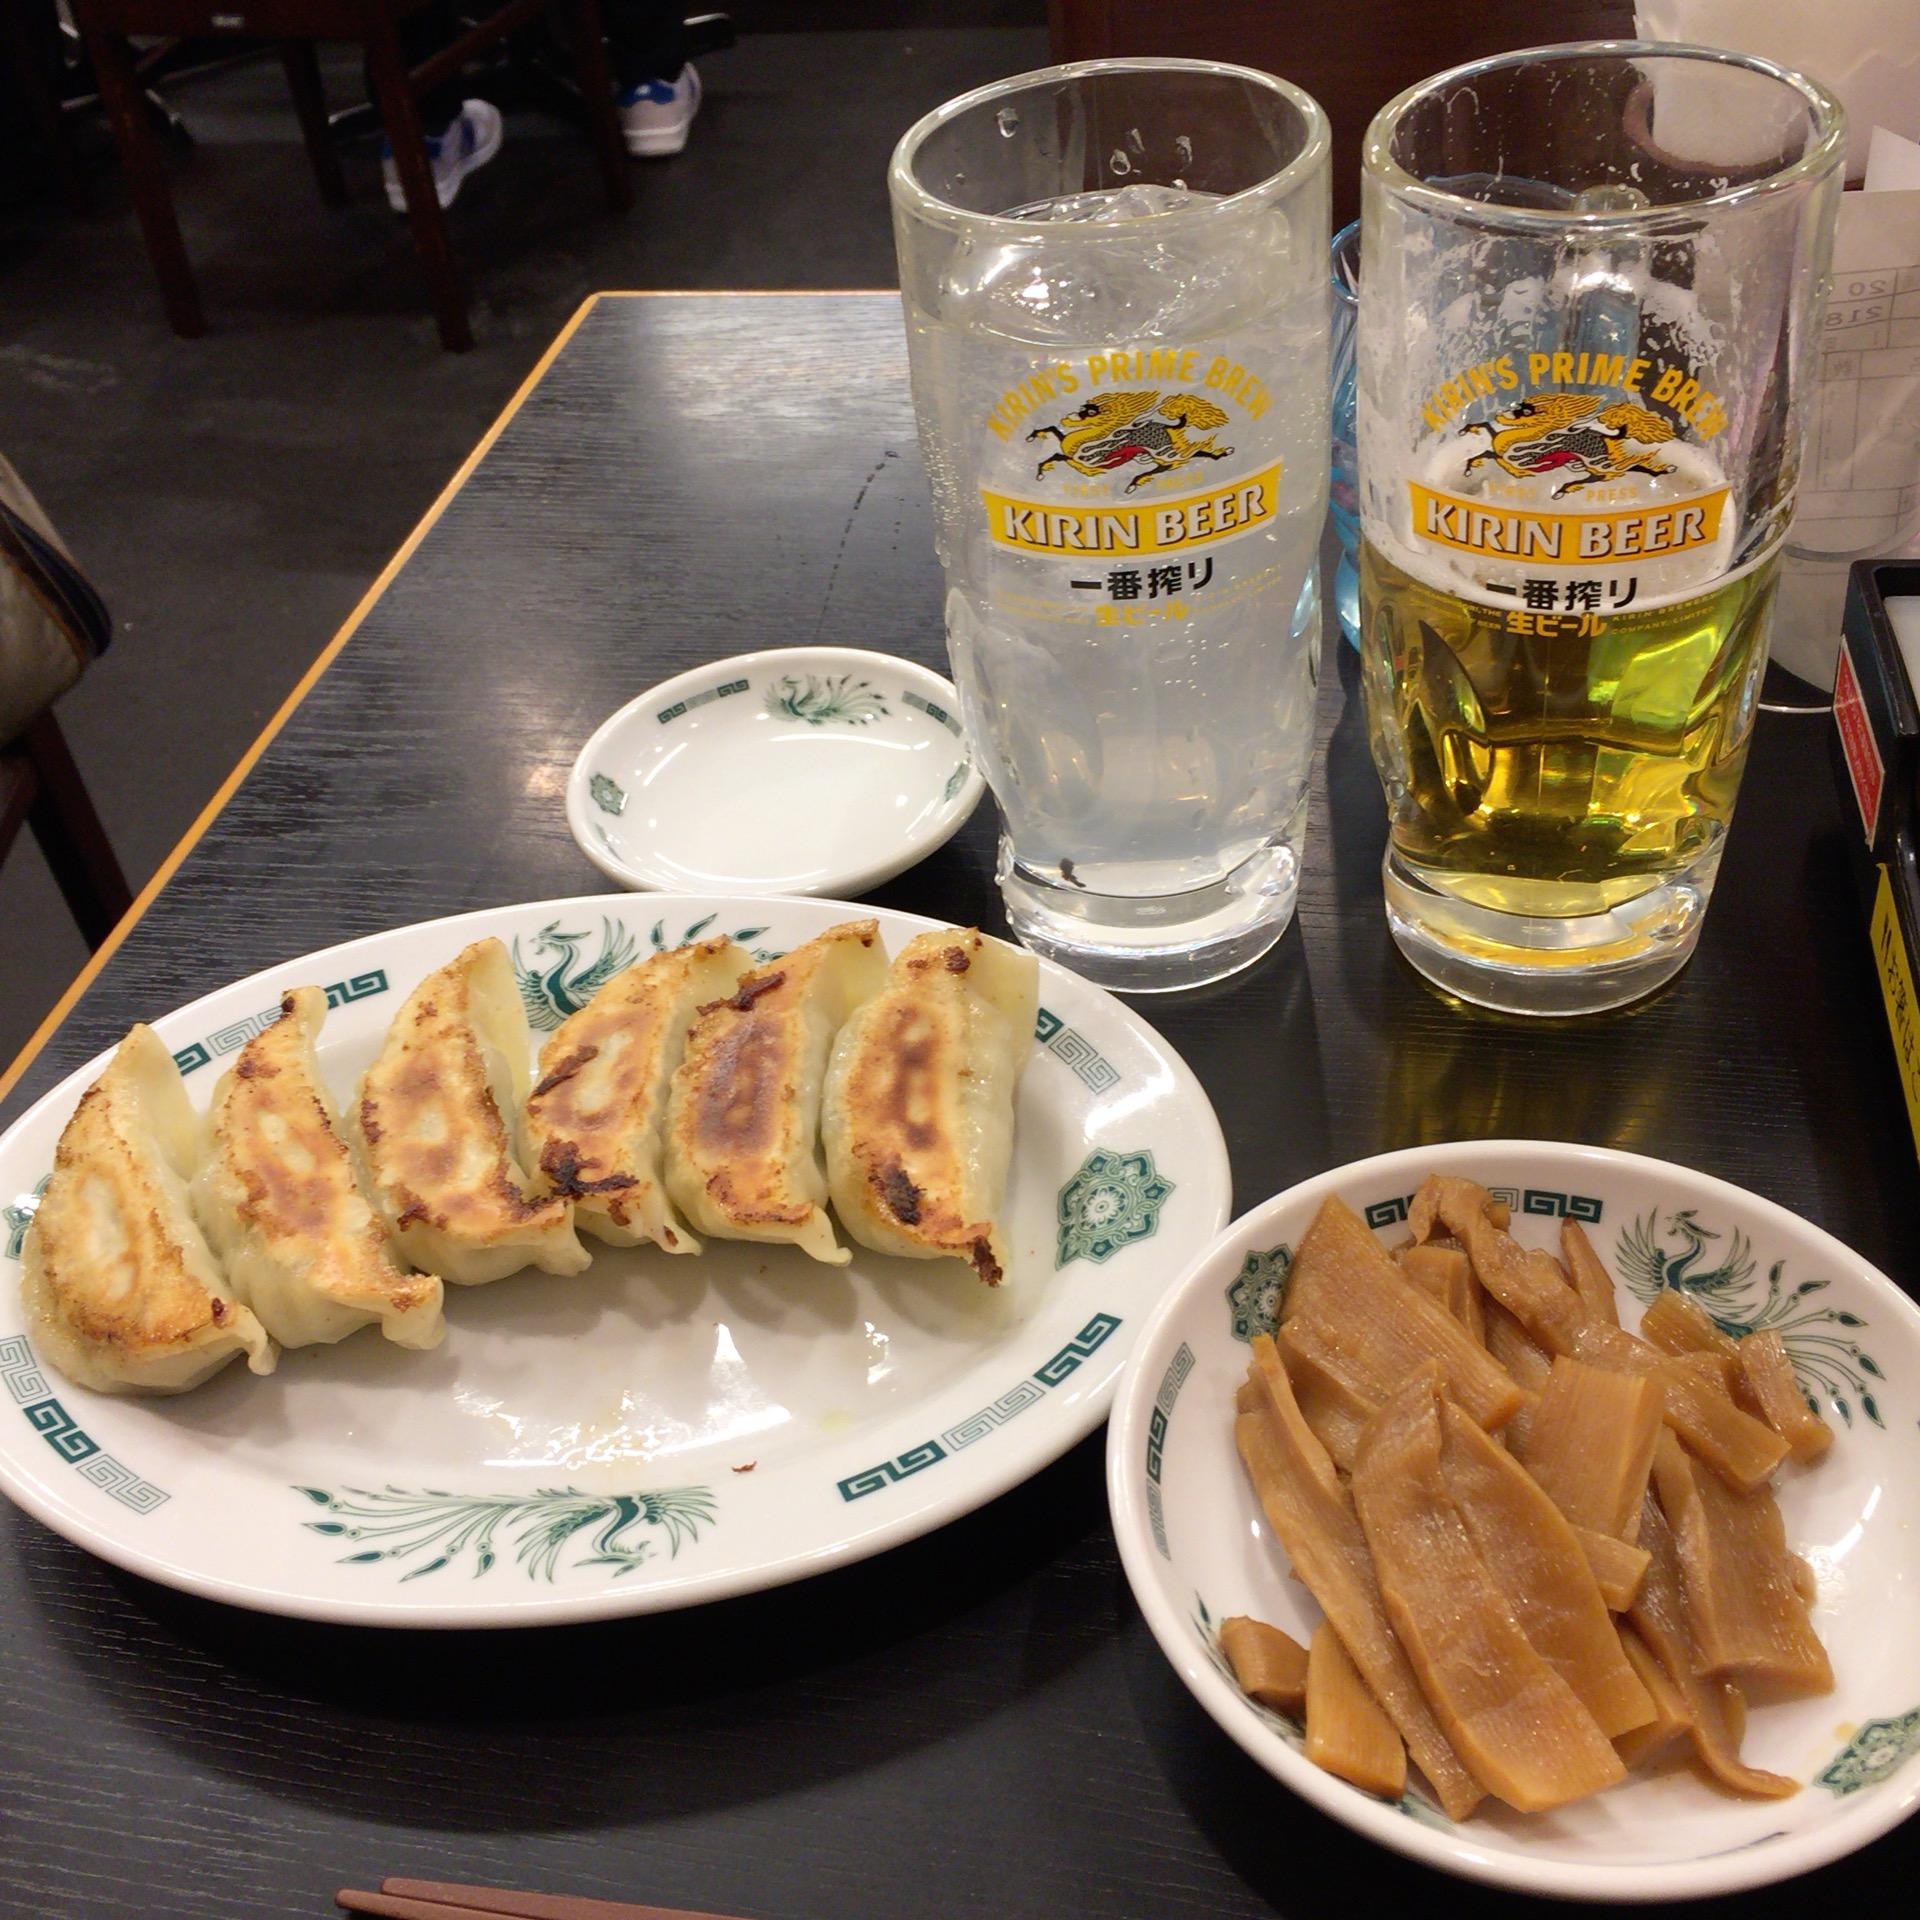 1,000円握りしめて晩酌 コスパ最高の中華食堂【日高屋】でせんべろしてみた